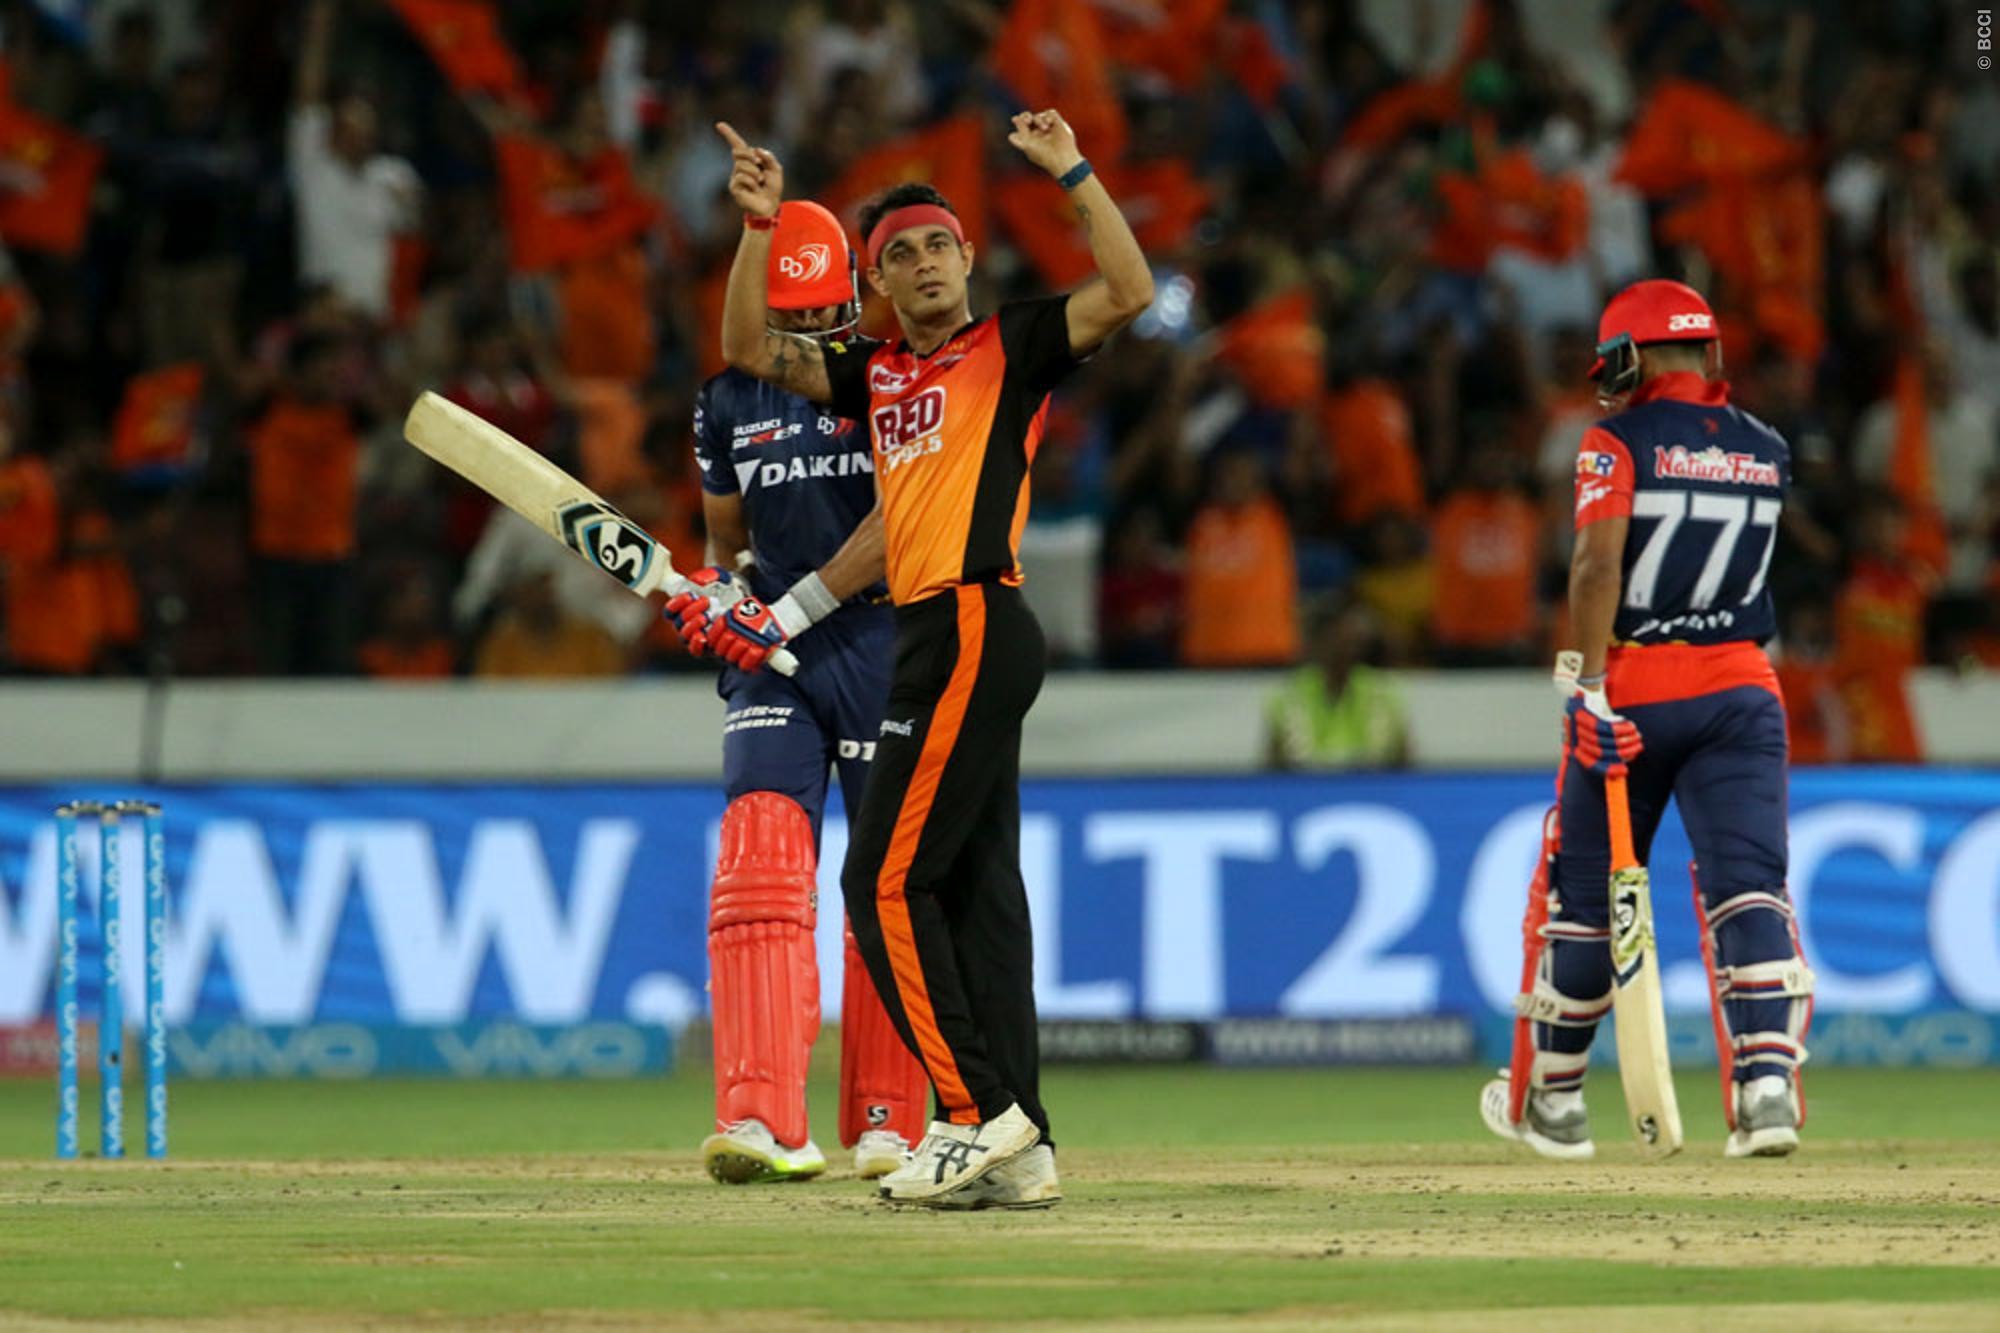 IPL 2018: टॉस से पहले ही अगर श्रेयस अय्यर ने नहीं की होती ये गलती तो दिल्ली डेयर डेविल्स का जीतना था तय 1